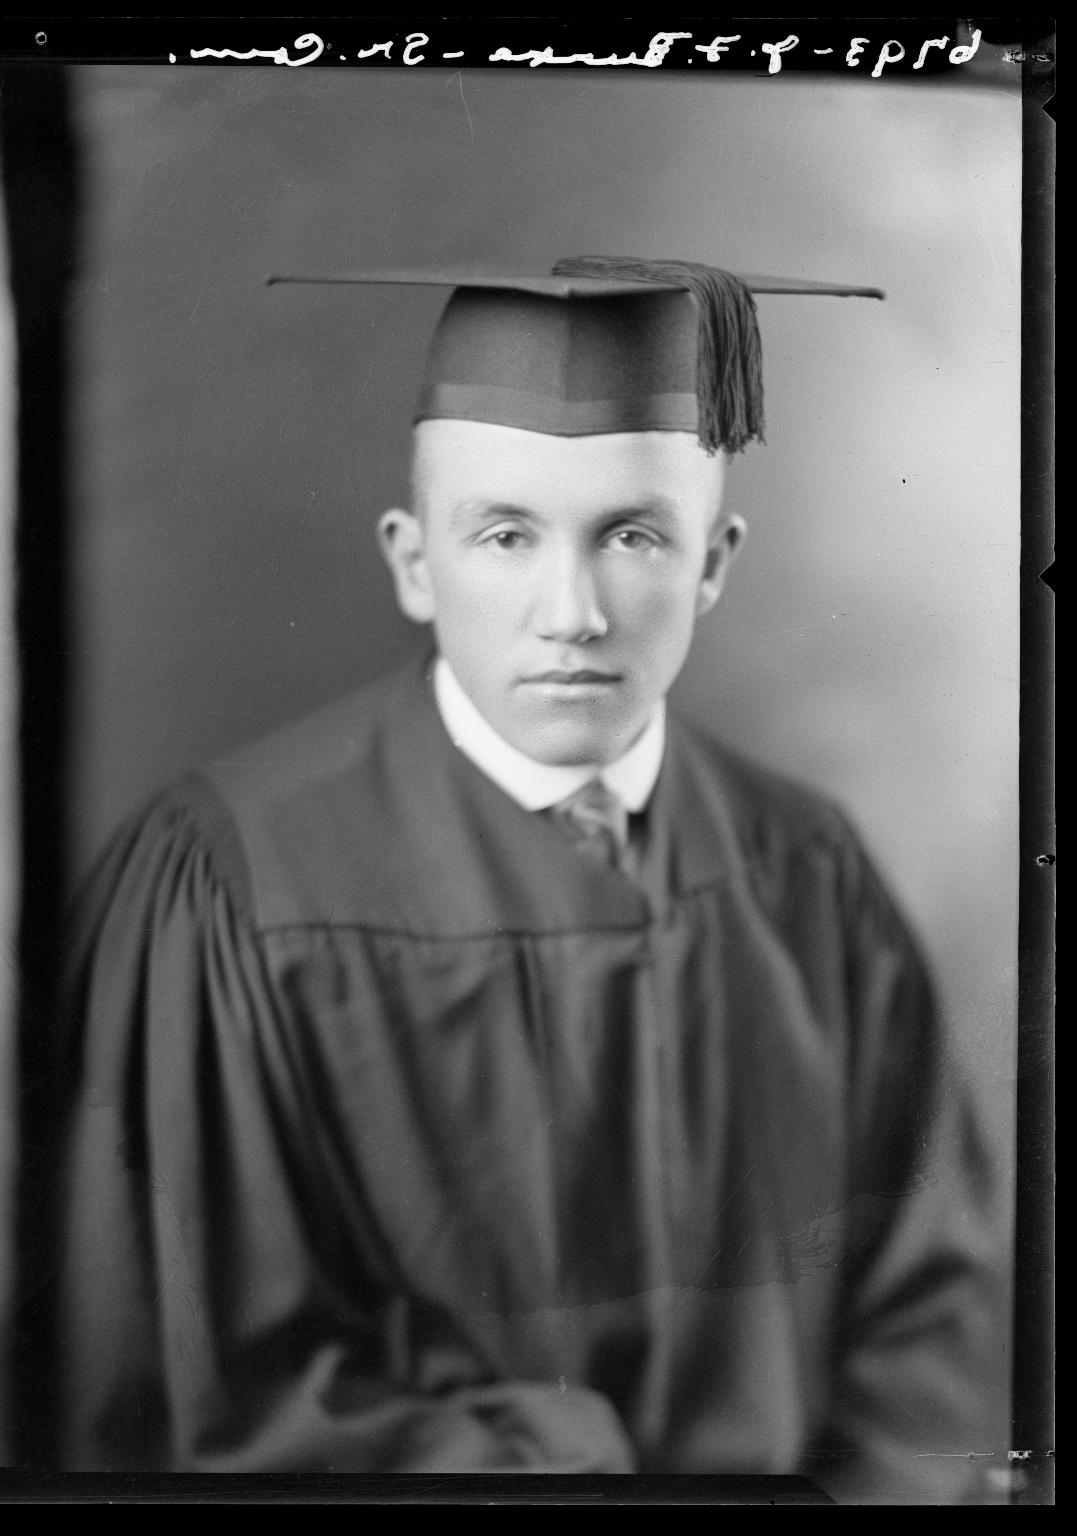 Portraits of J. F. Burke